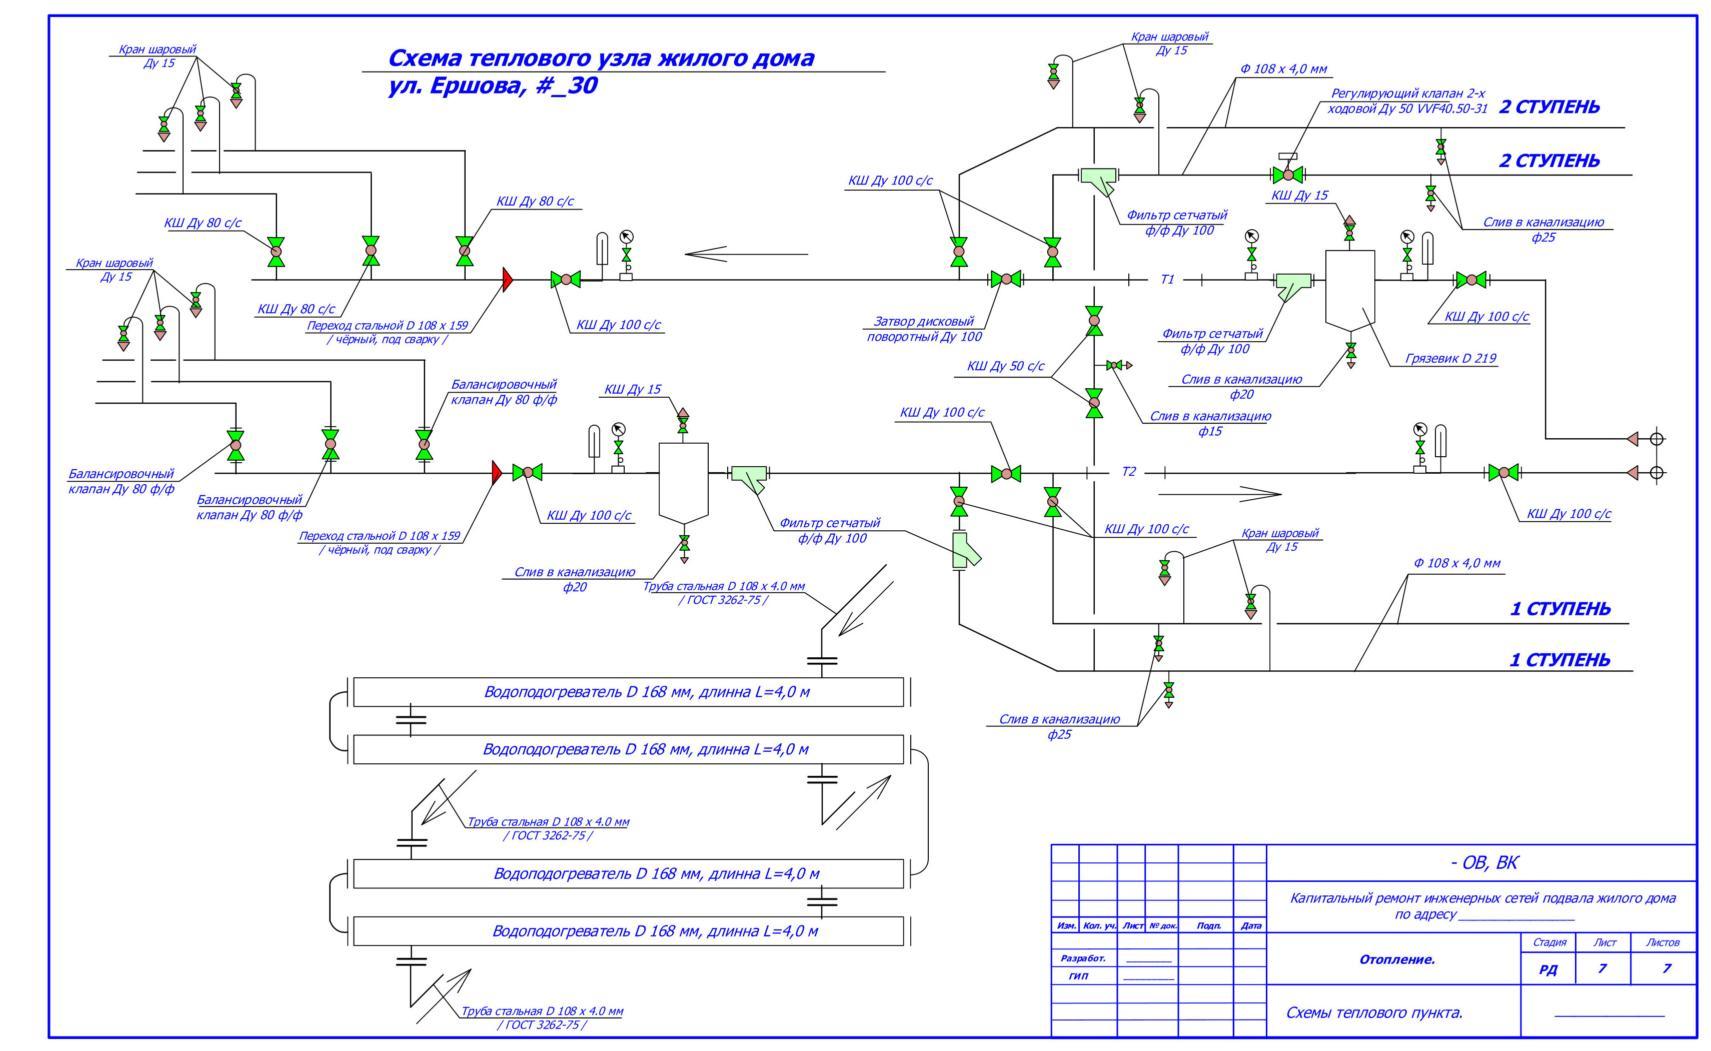 Схема теплового узла многоэтажного дома